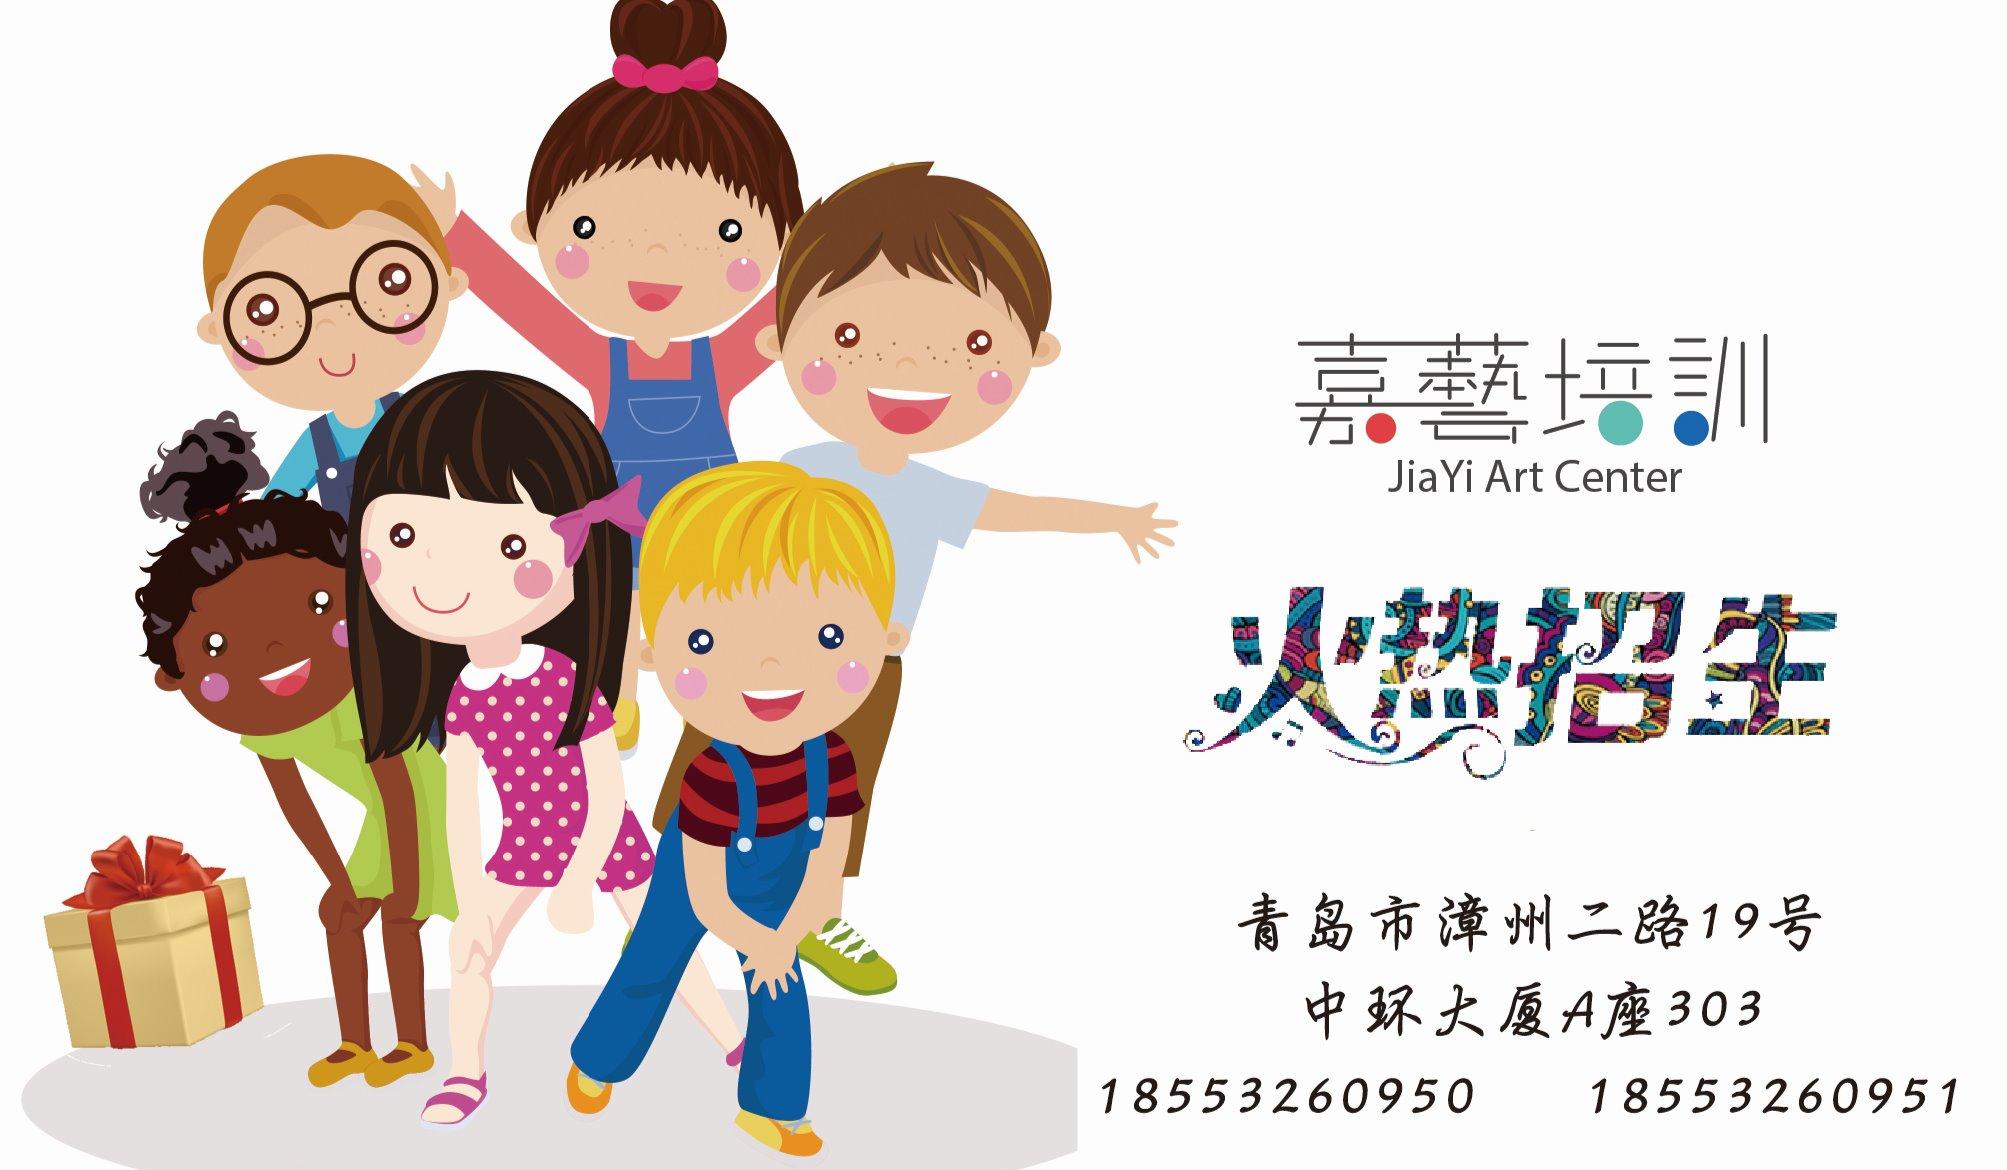 【嘉藝】少儿模特、舞蹈、美术、主持课程火热报名,免费试听2课时!